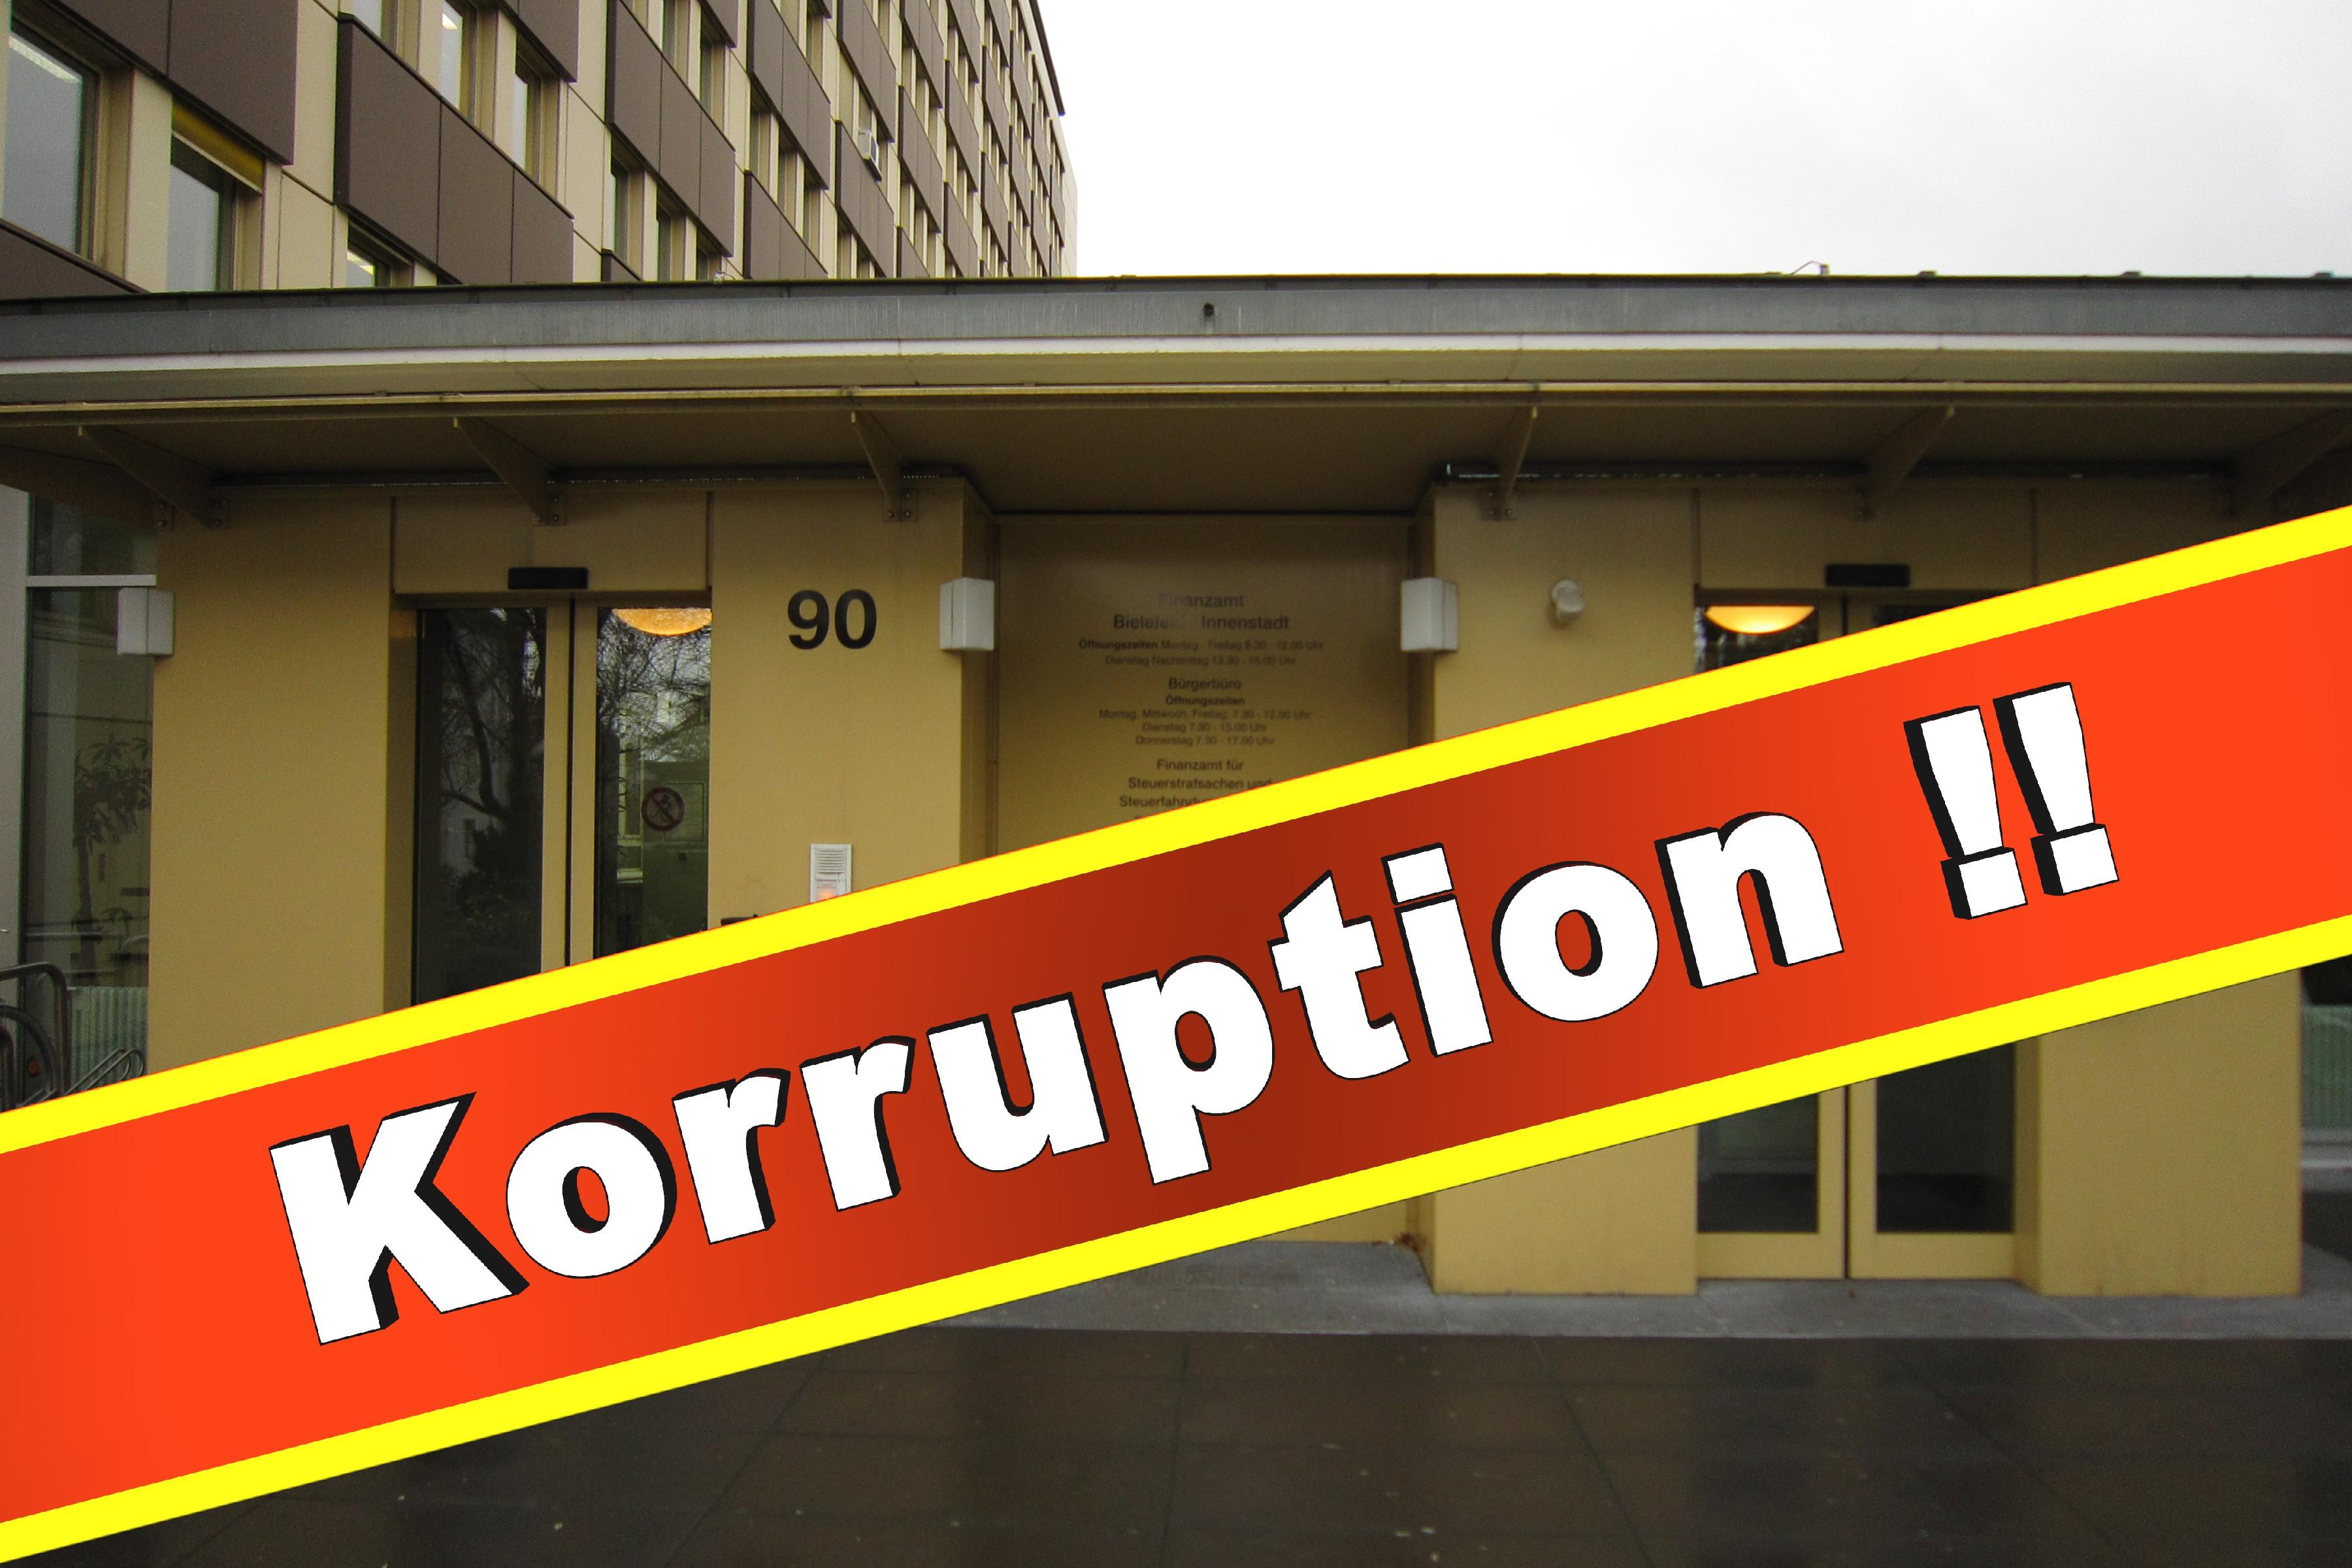 Finanzamt Bielefeld Außenstadt öffnungszeiten Finanzamt Bielefeld Steuerklasse ändern Finanzamt Bielefeld Zuständigkeit Finanzamt Bielefeld Ausbildung (1)